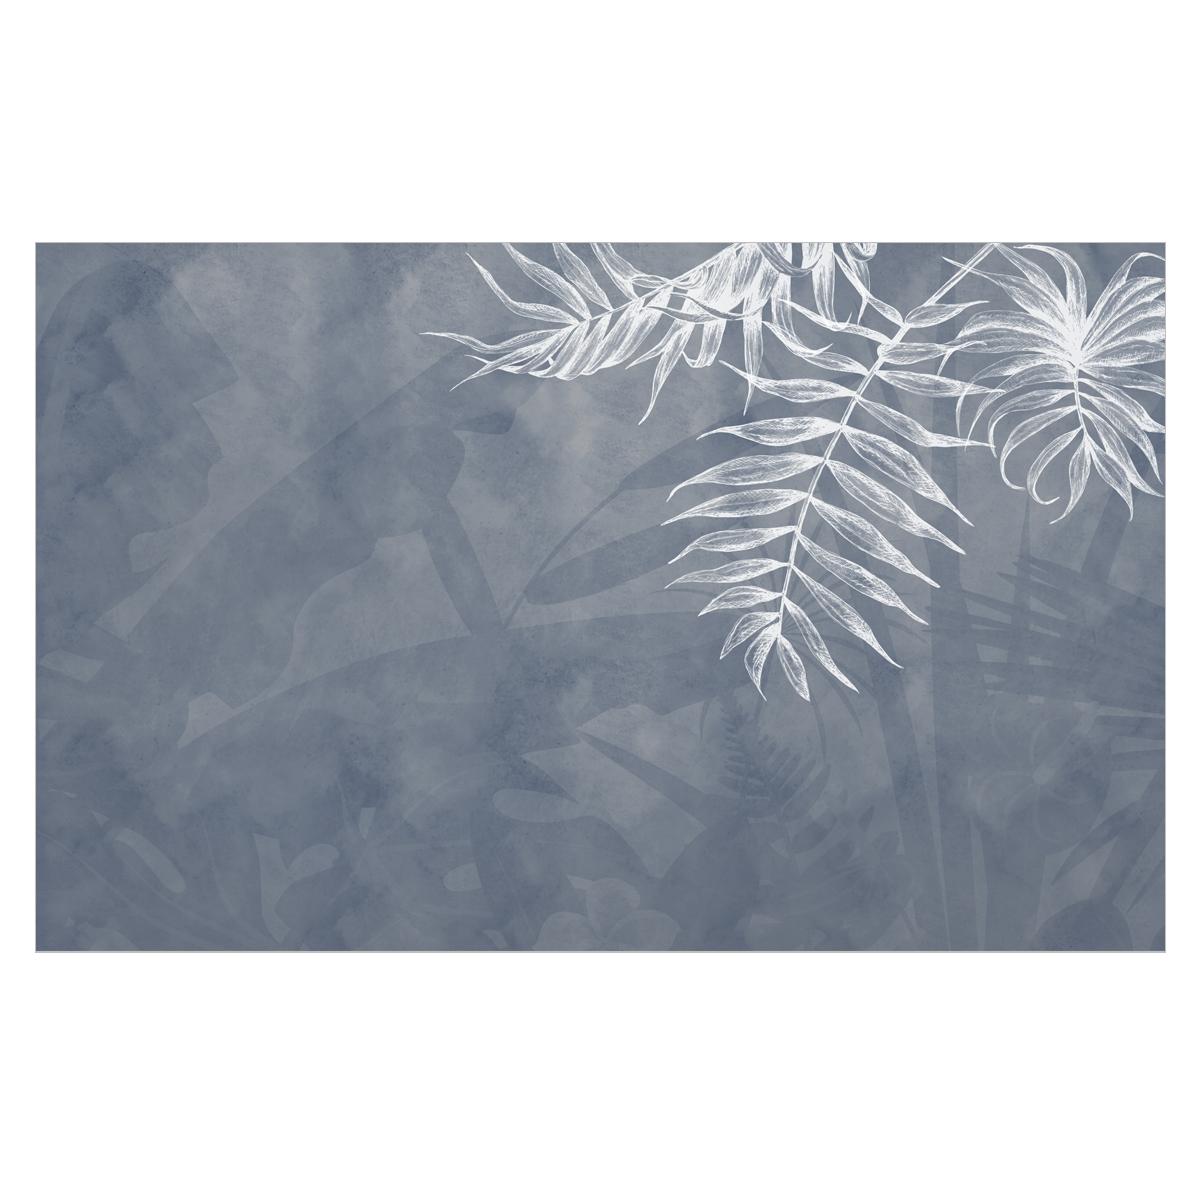 壁布现代简约墙布背景墙无缝全屋高档卧室客厅电视墙墙纸北欧风格